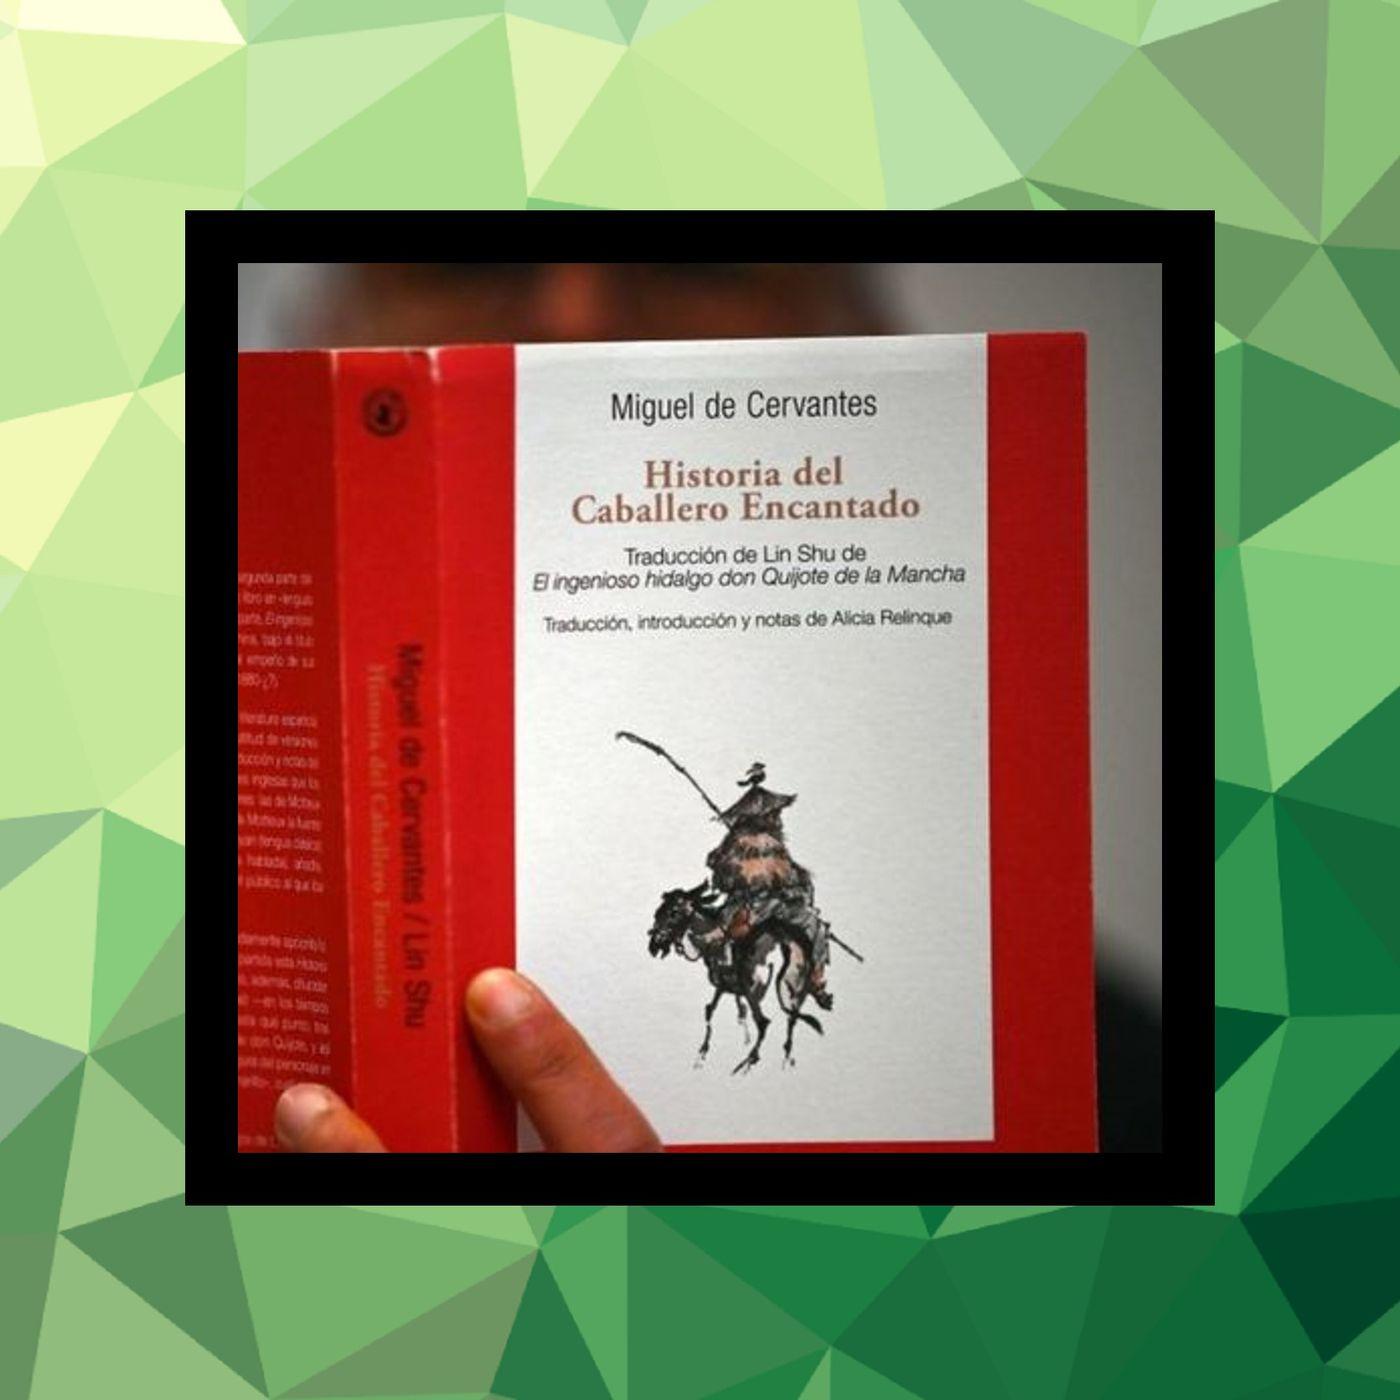 115 - La traducción de Don Quijote al chino